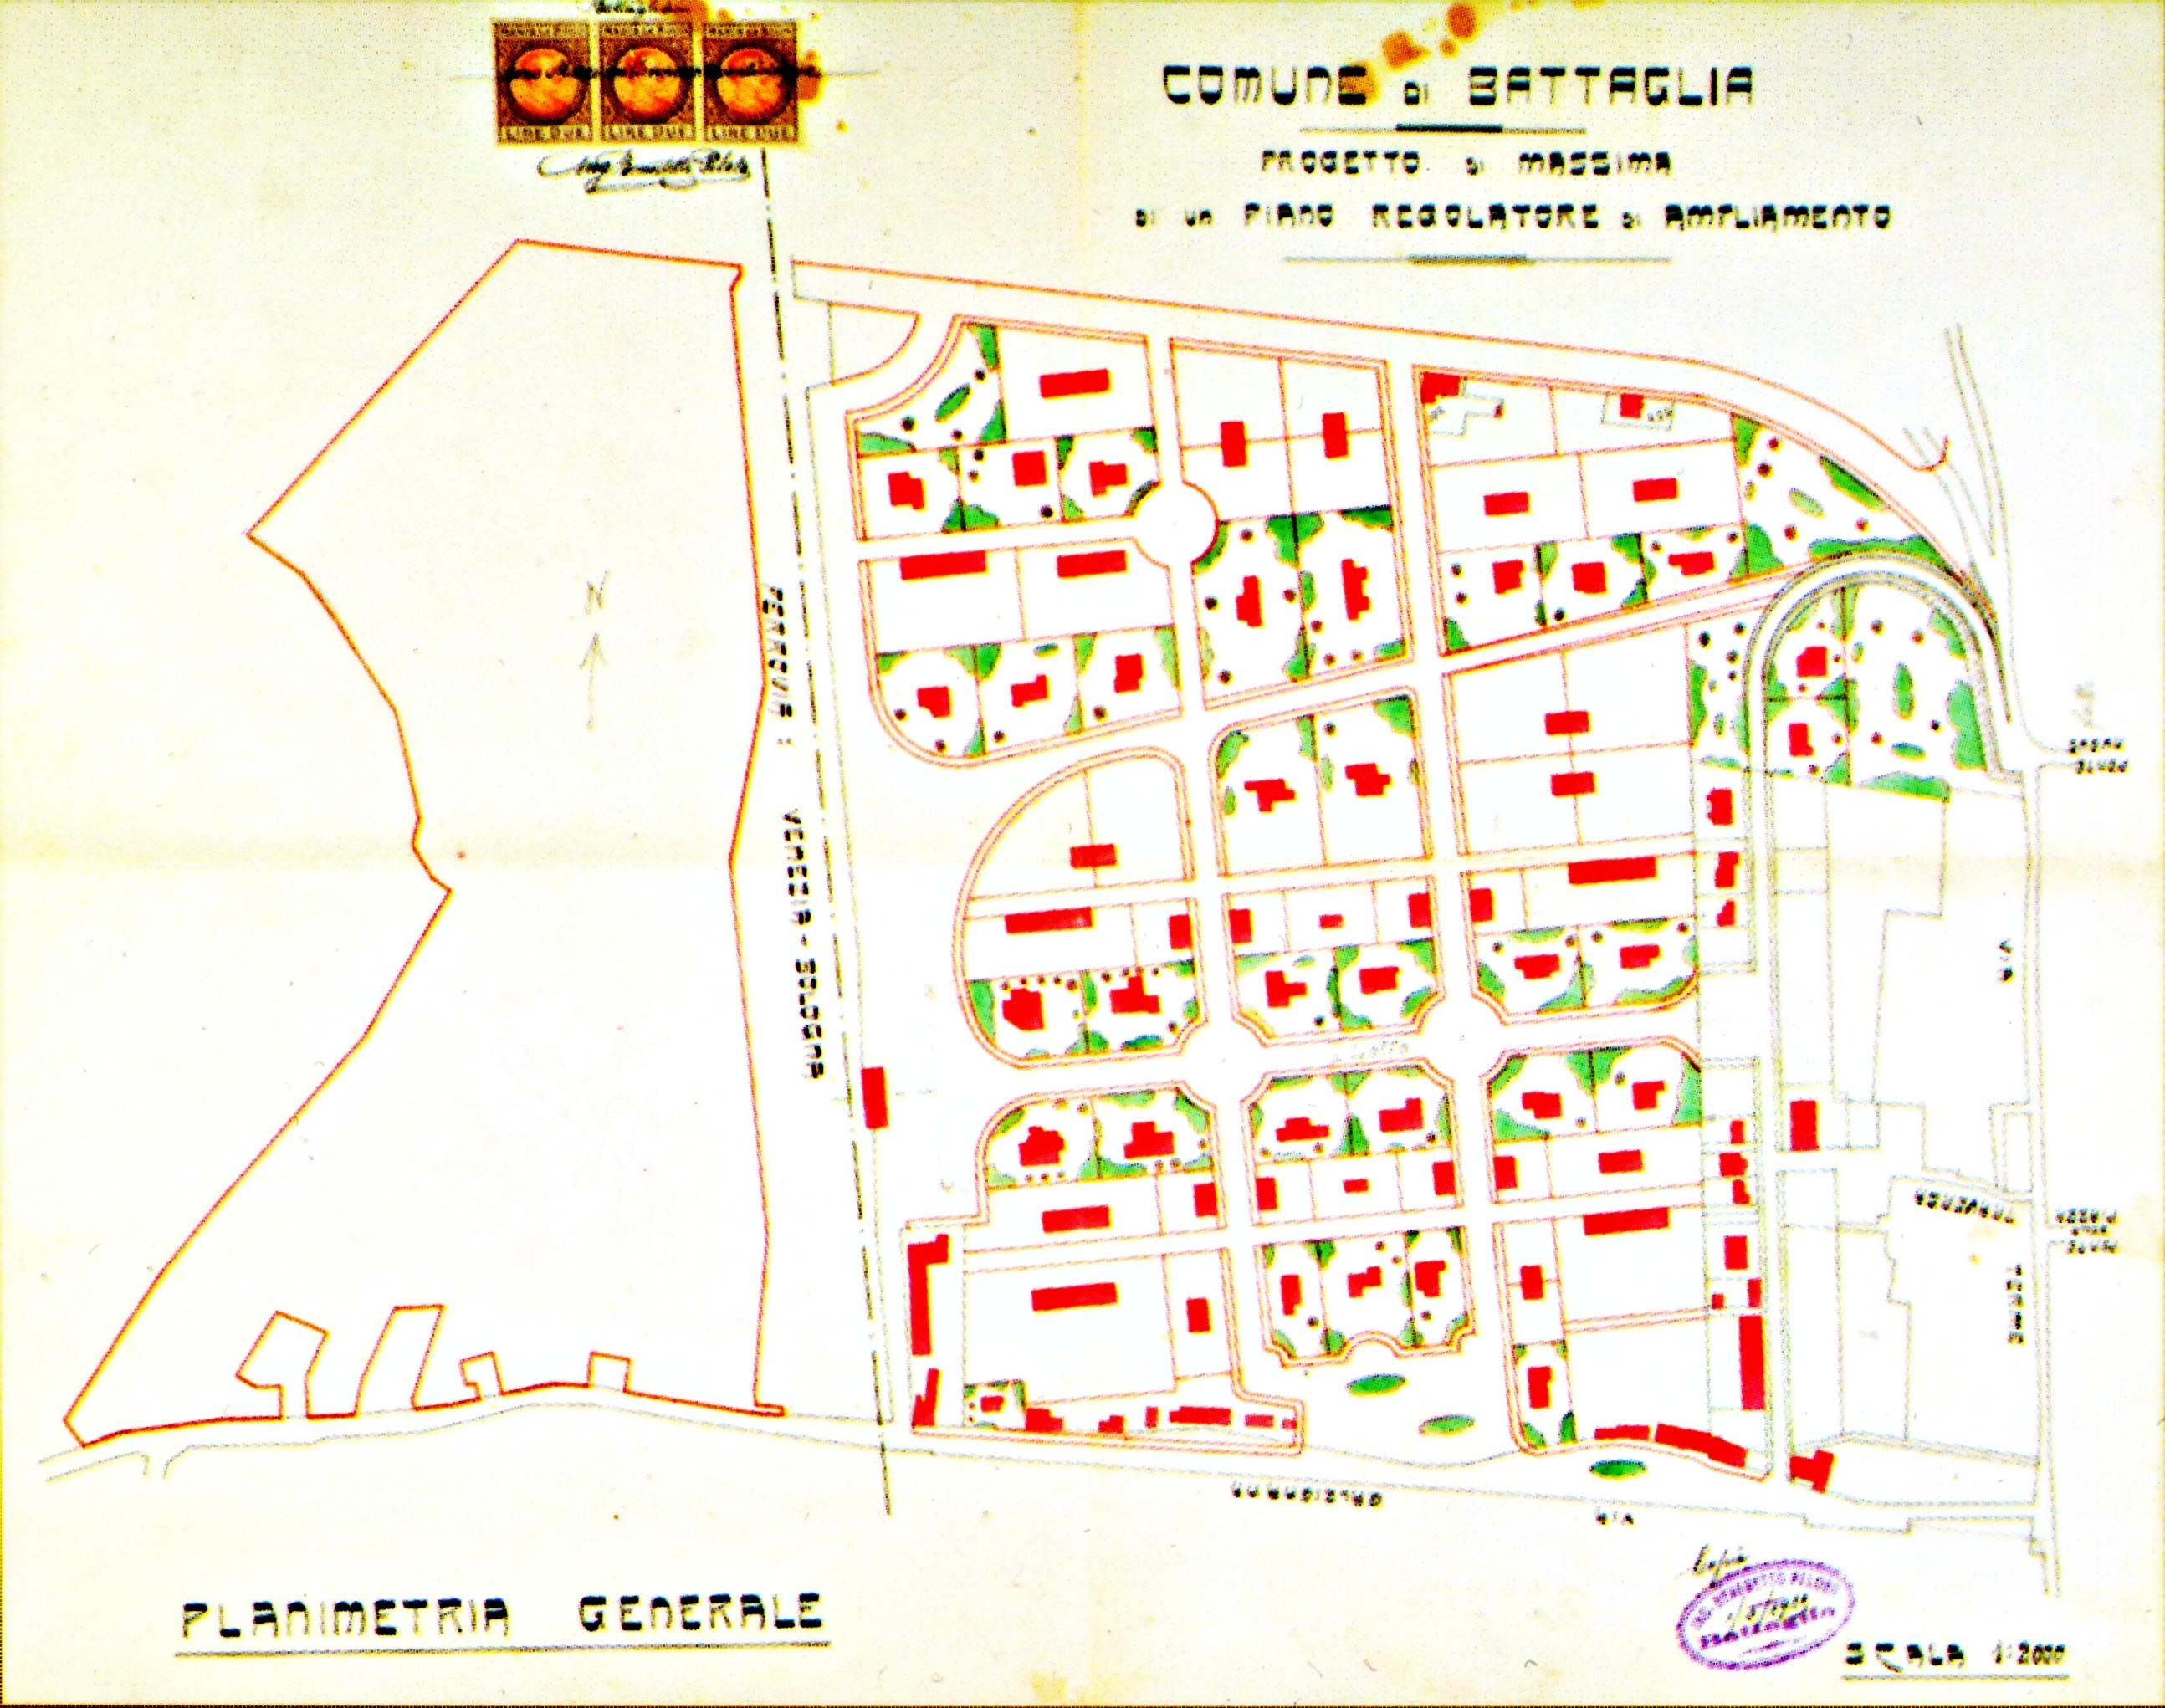 Planimetria del Piano regolatore di Battaglia del 1925.